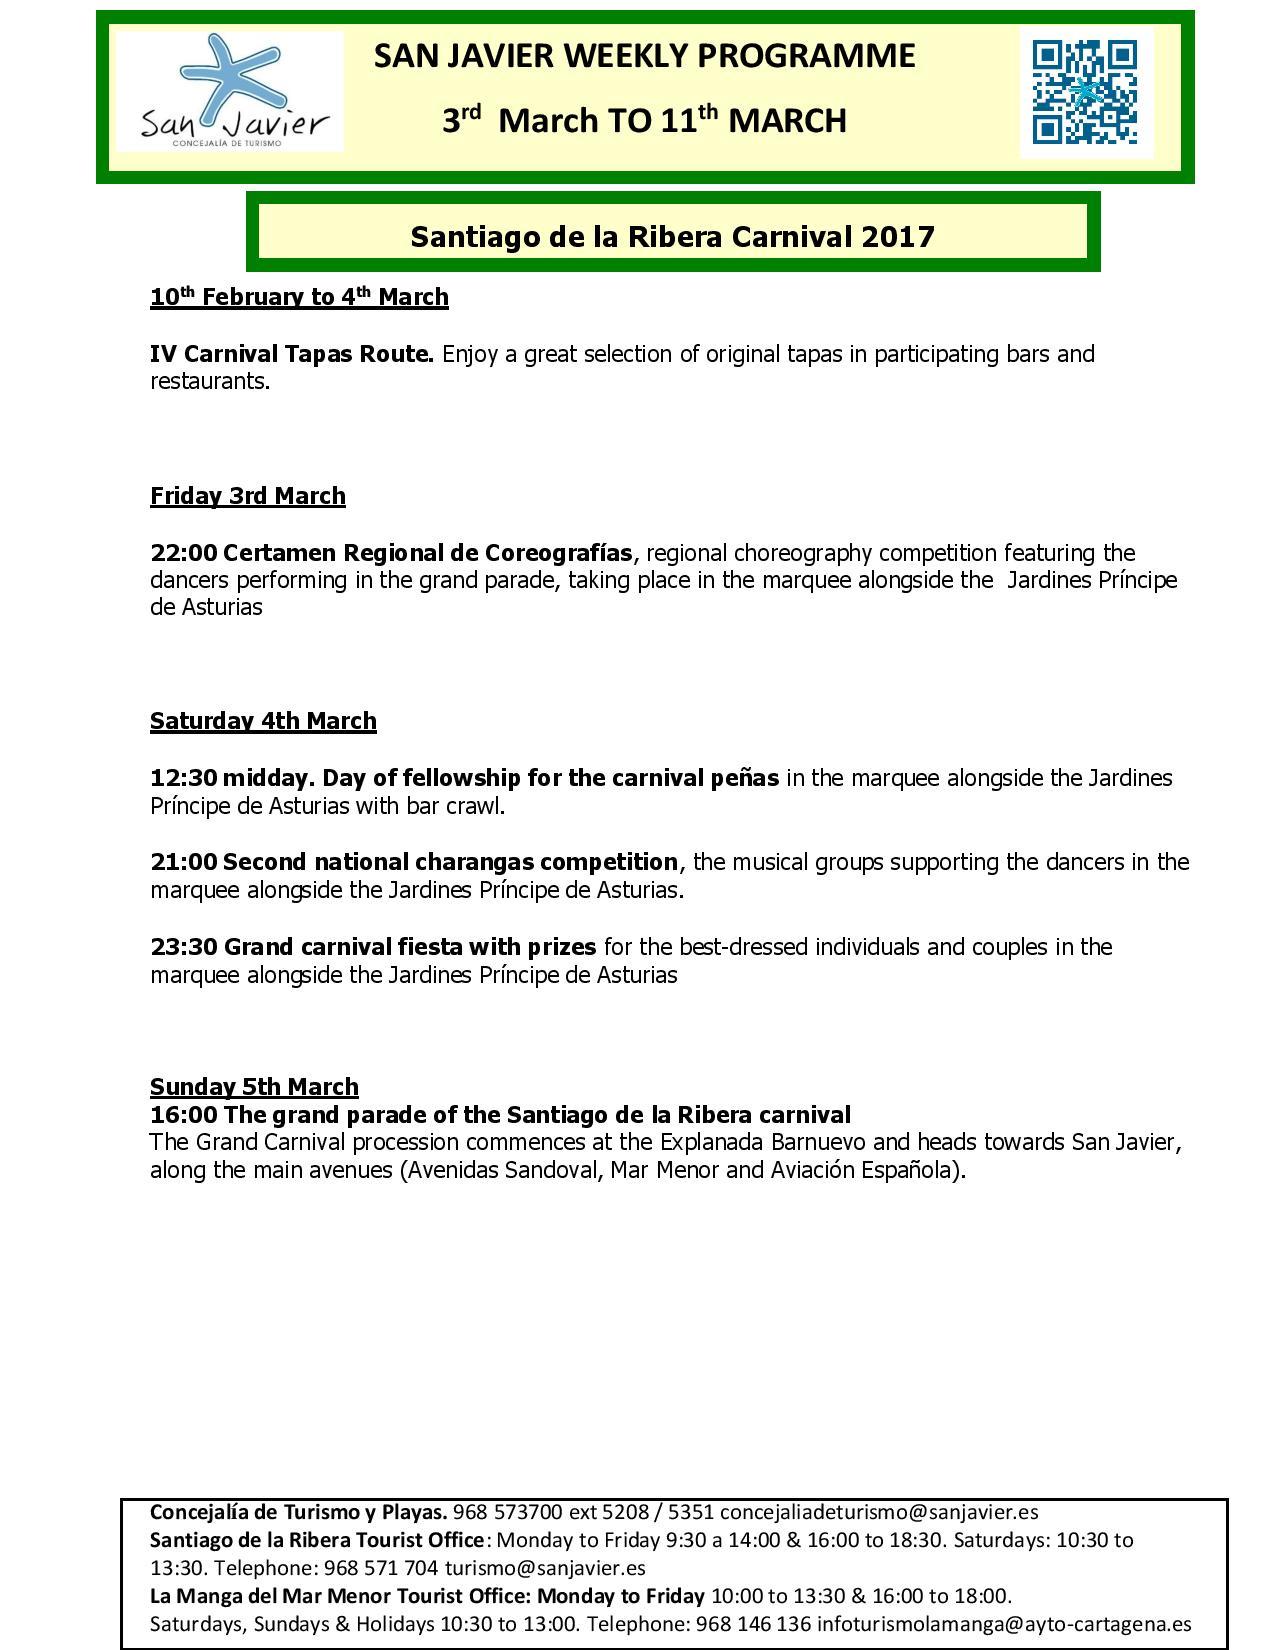 Del 3 al 11 de marzo ingles-page-002